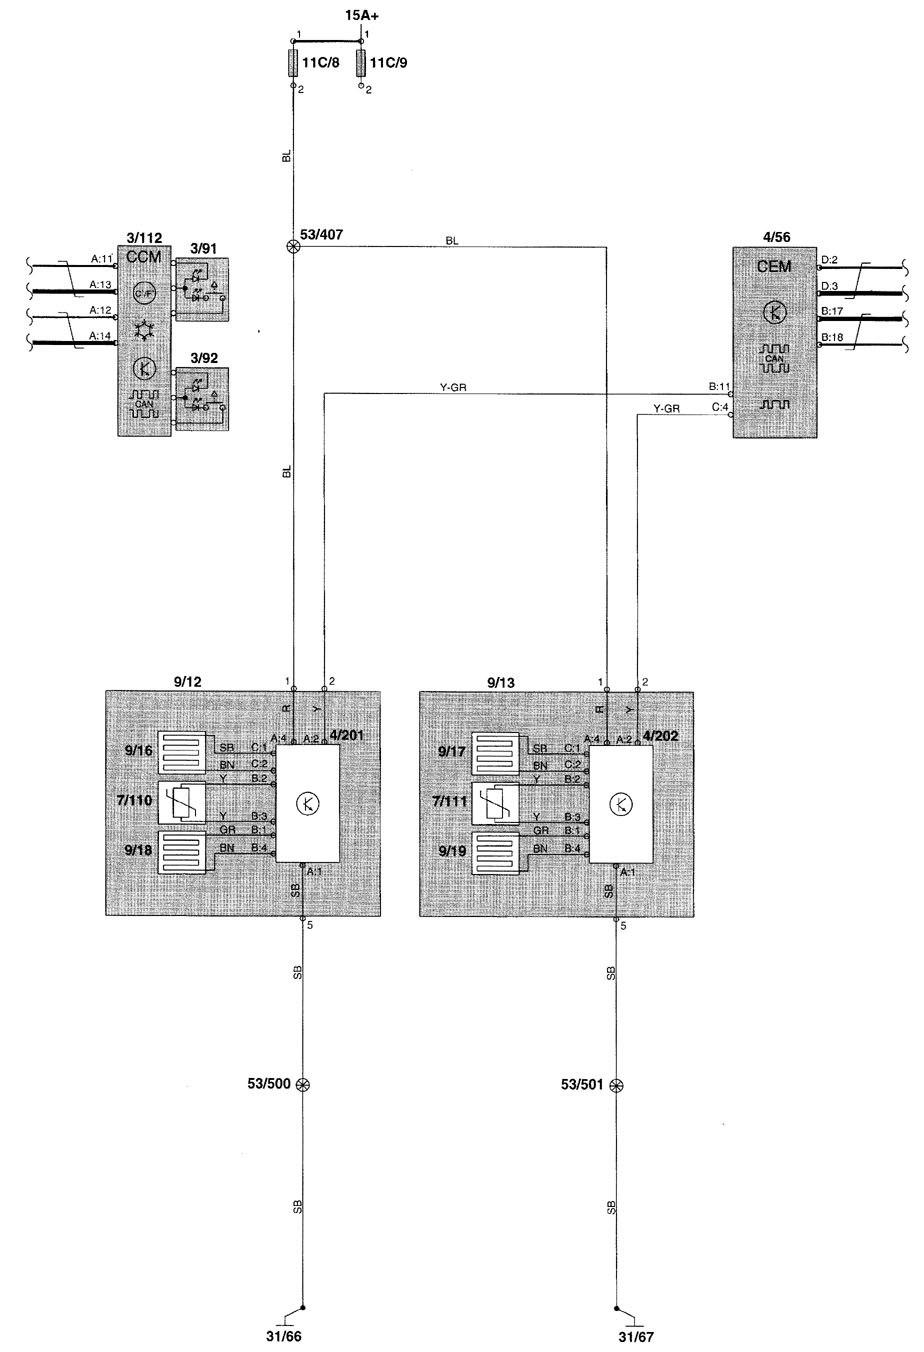 Volvo V70  2000 - 2002  - Wiring Diagrams